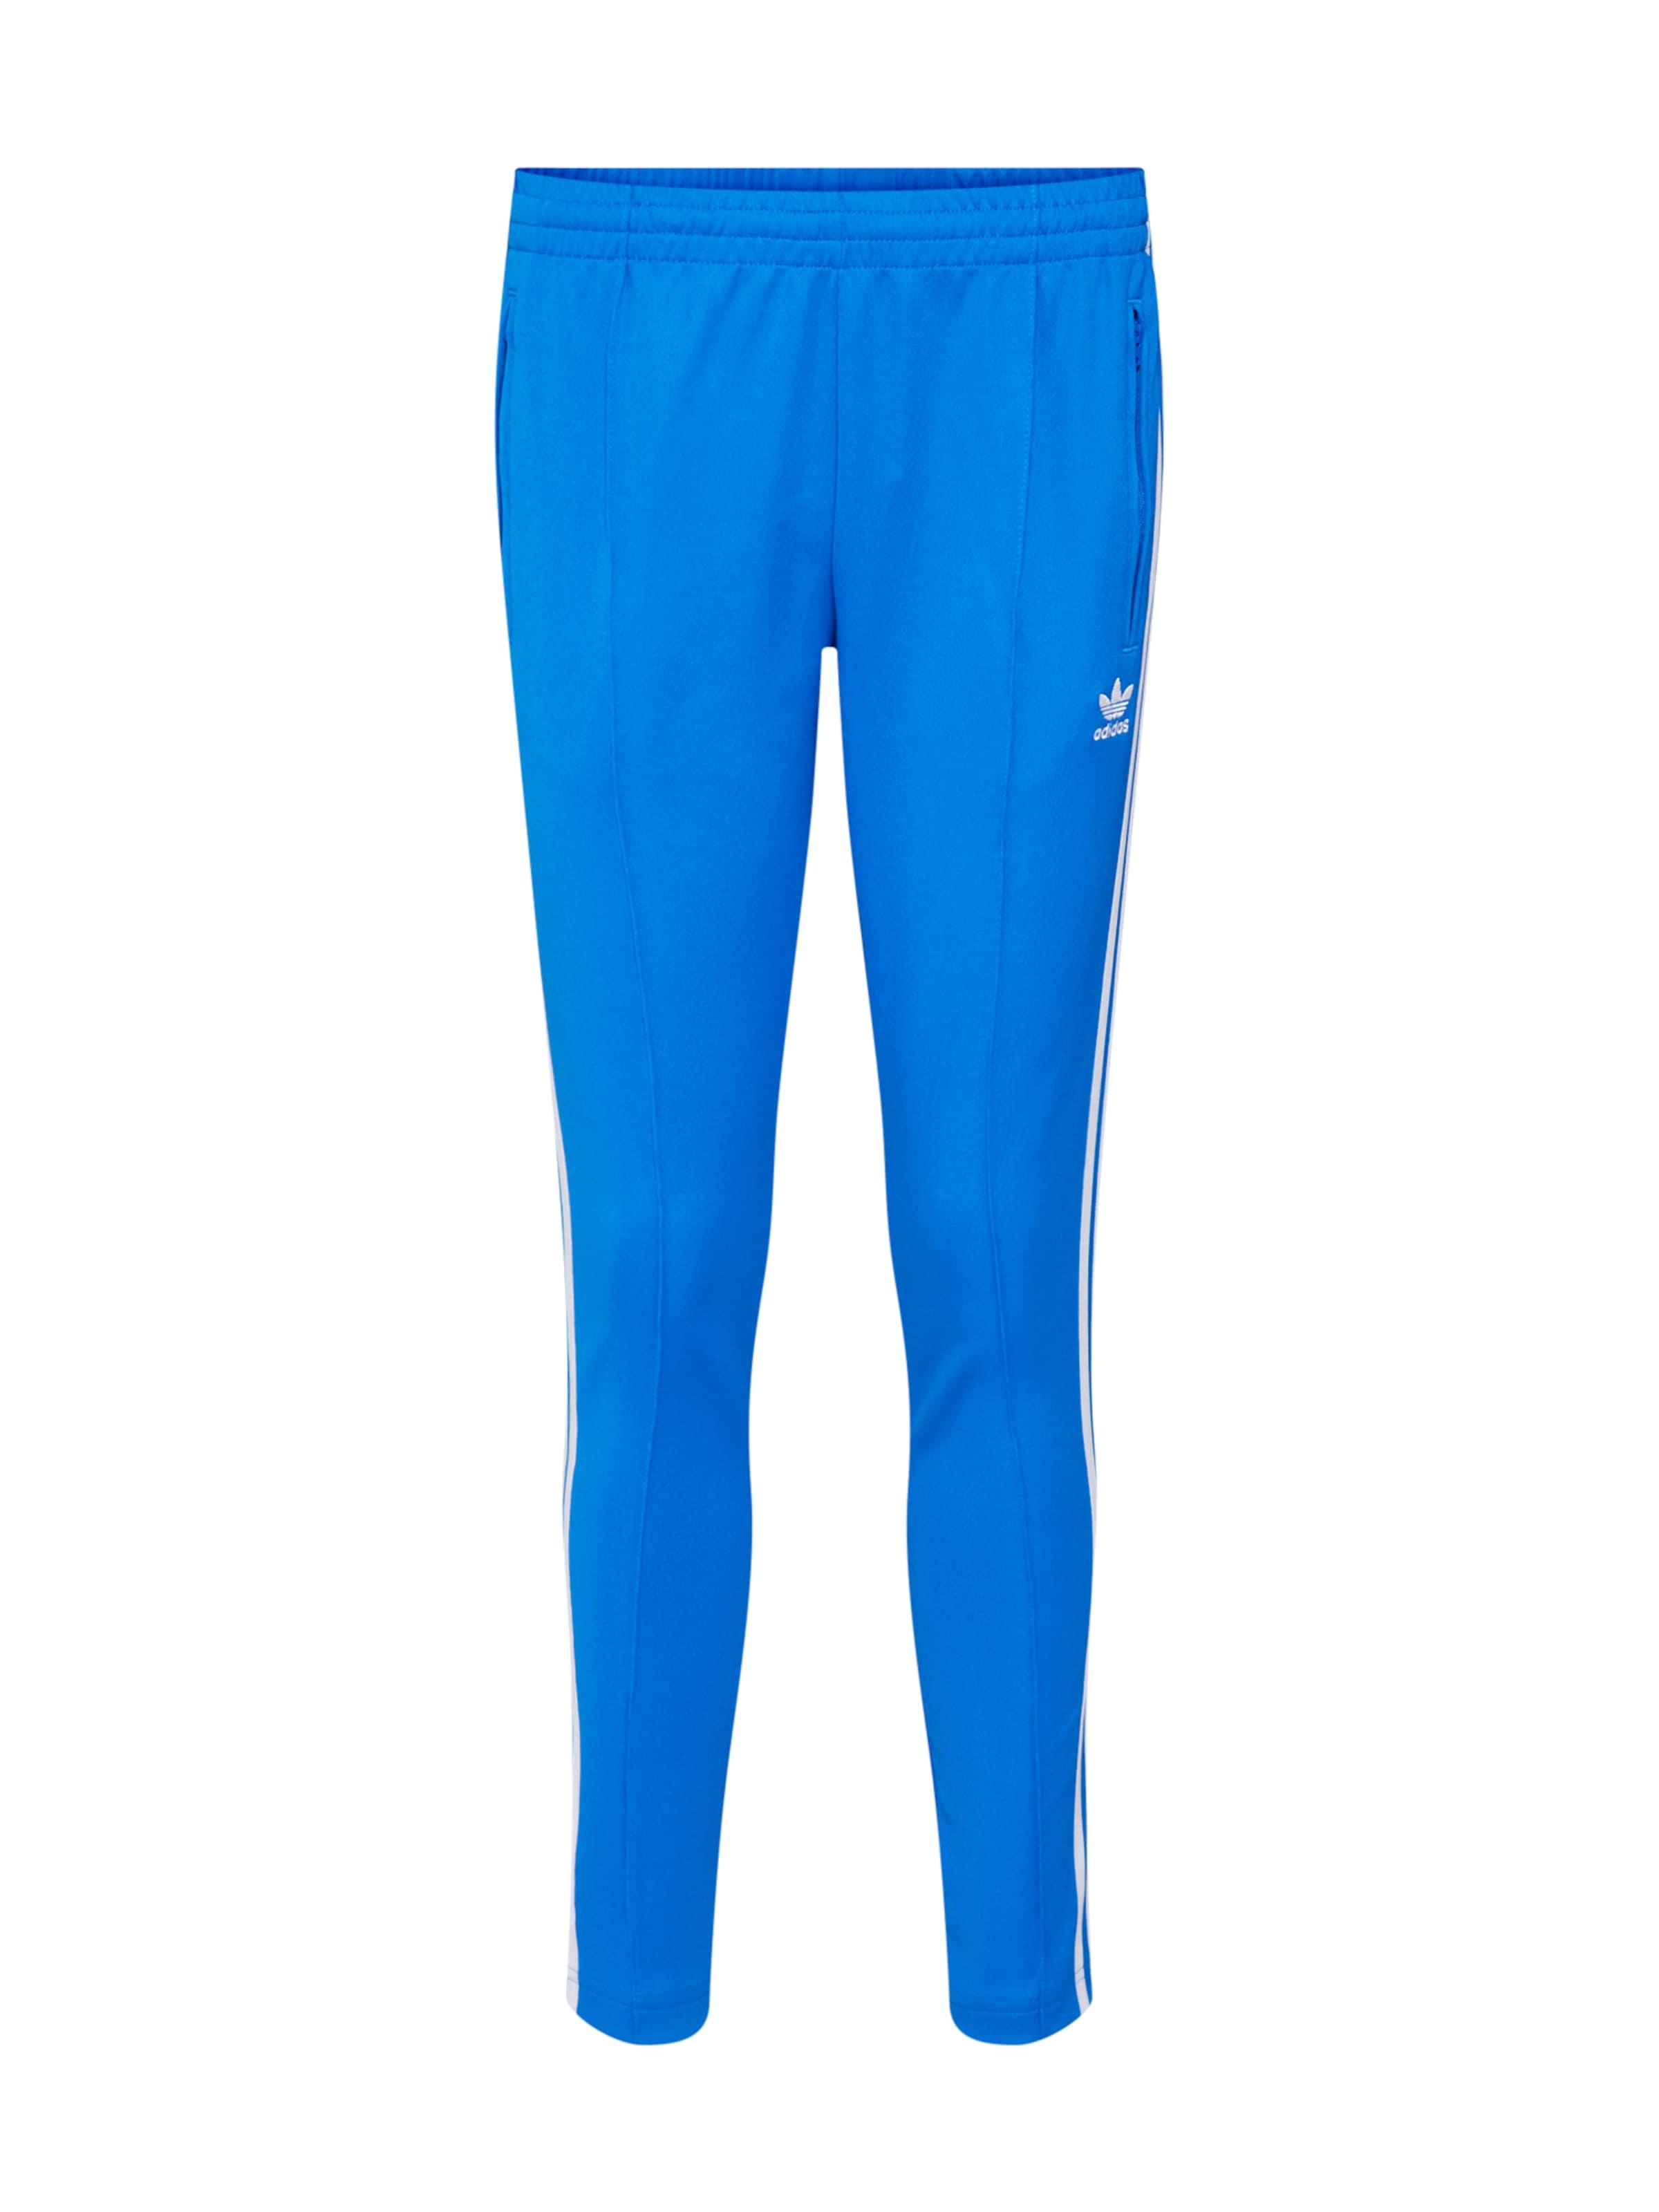 Blau Blau Originals Originals In Adidas Adidas Originals Hose Adidas In Hose 5L34jSAqcR